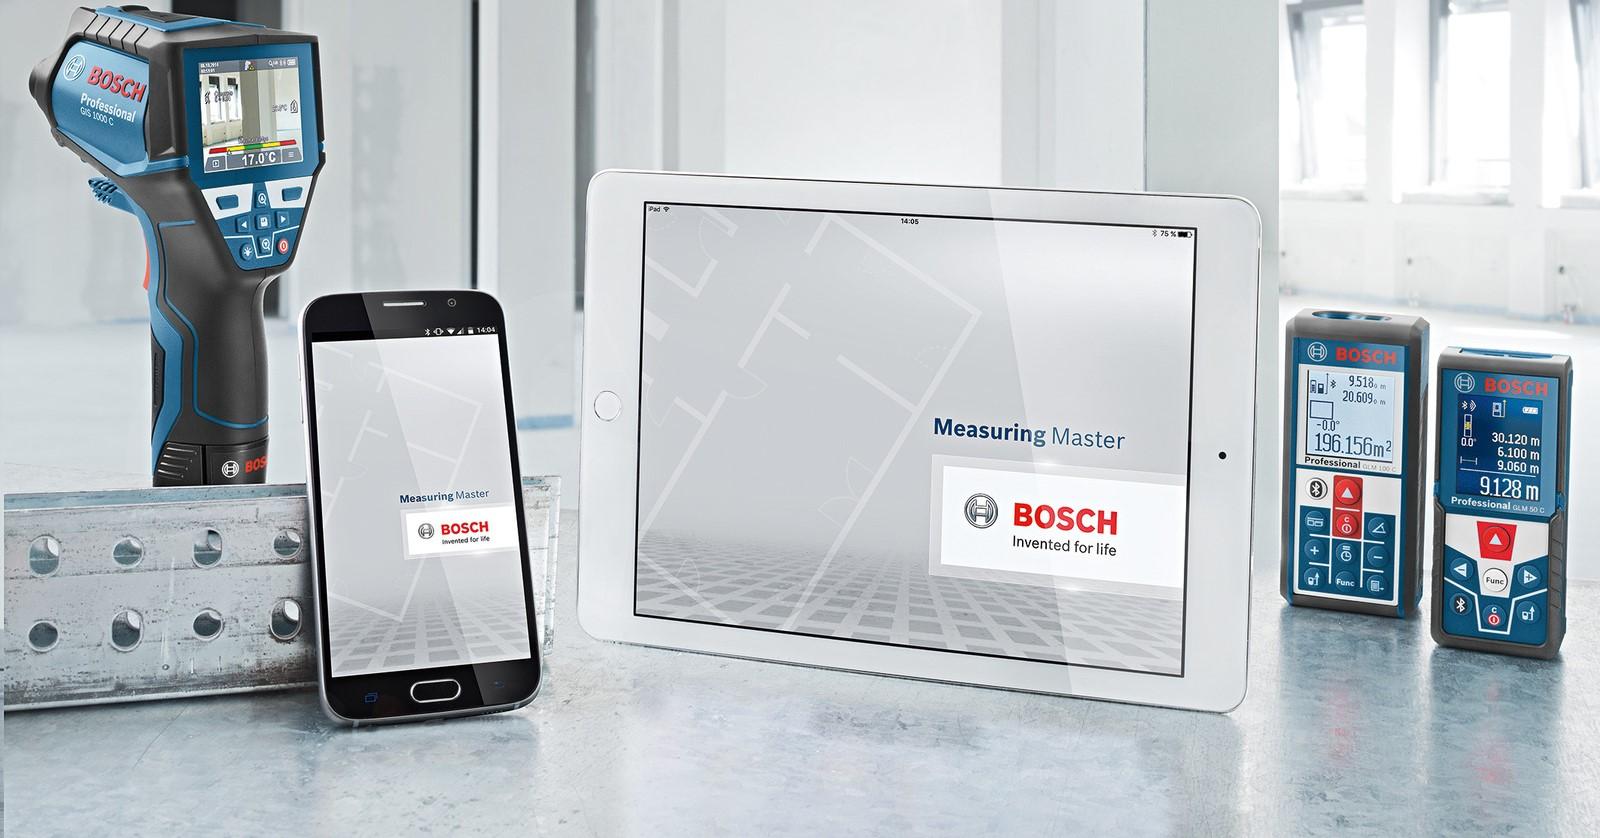 Laser Entfernungsmesser Glm 50 C Professional : Neue measuring master app von bosch für profis media service